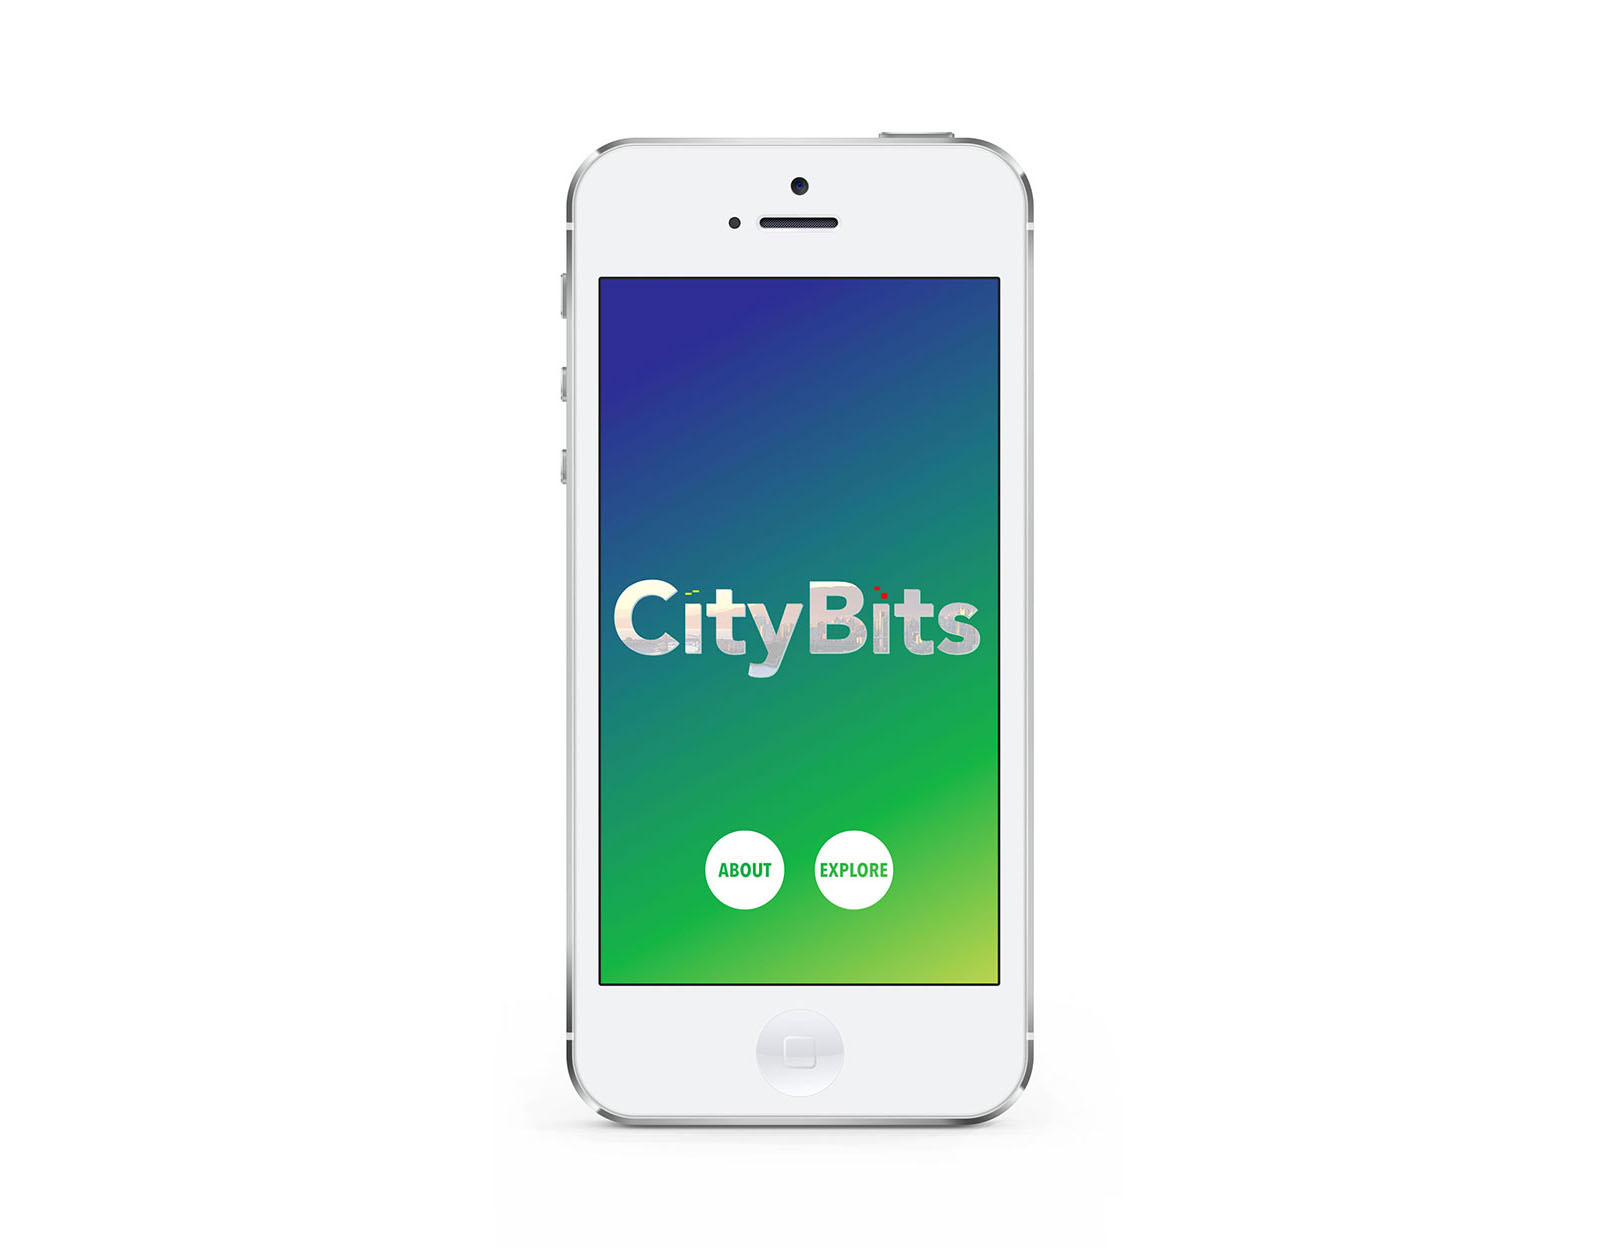 CityBits